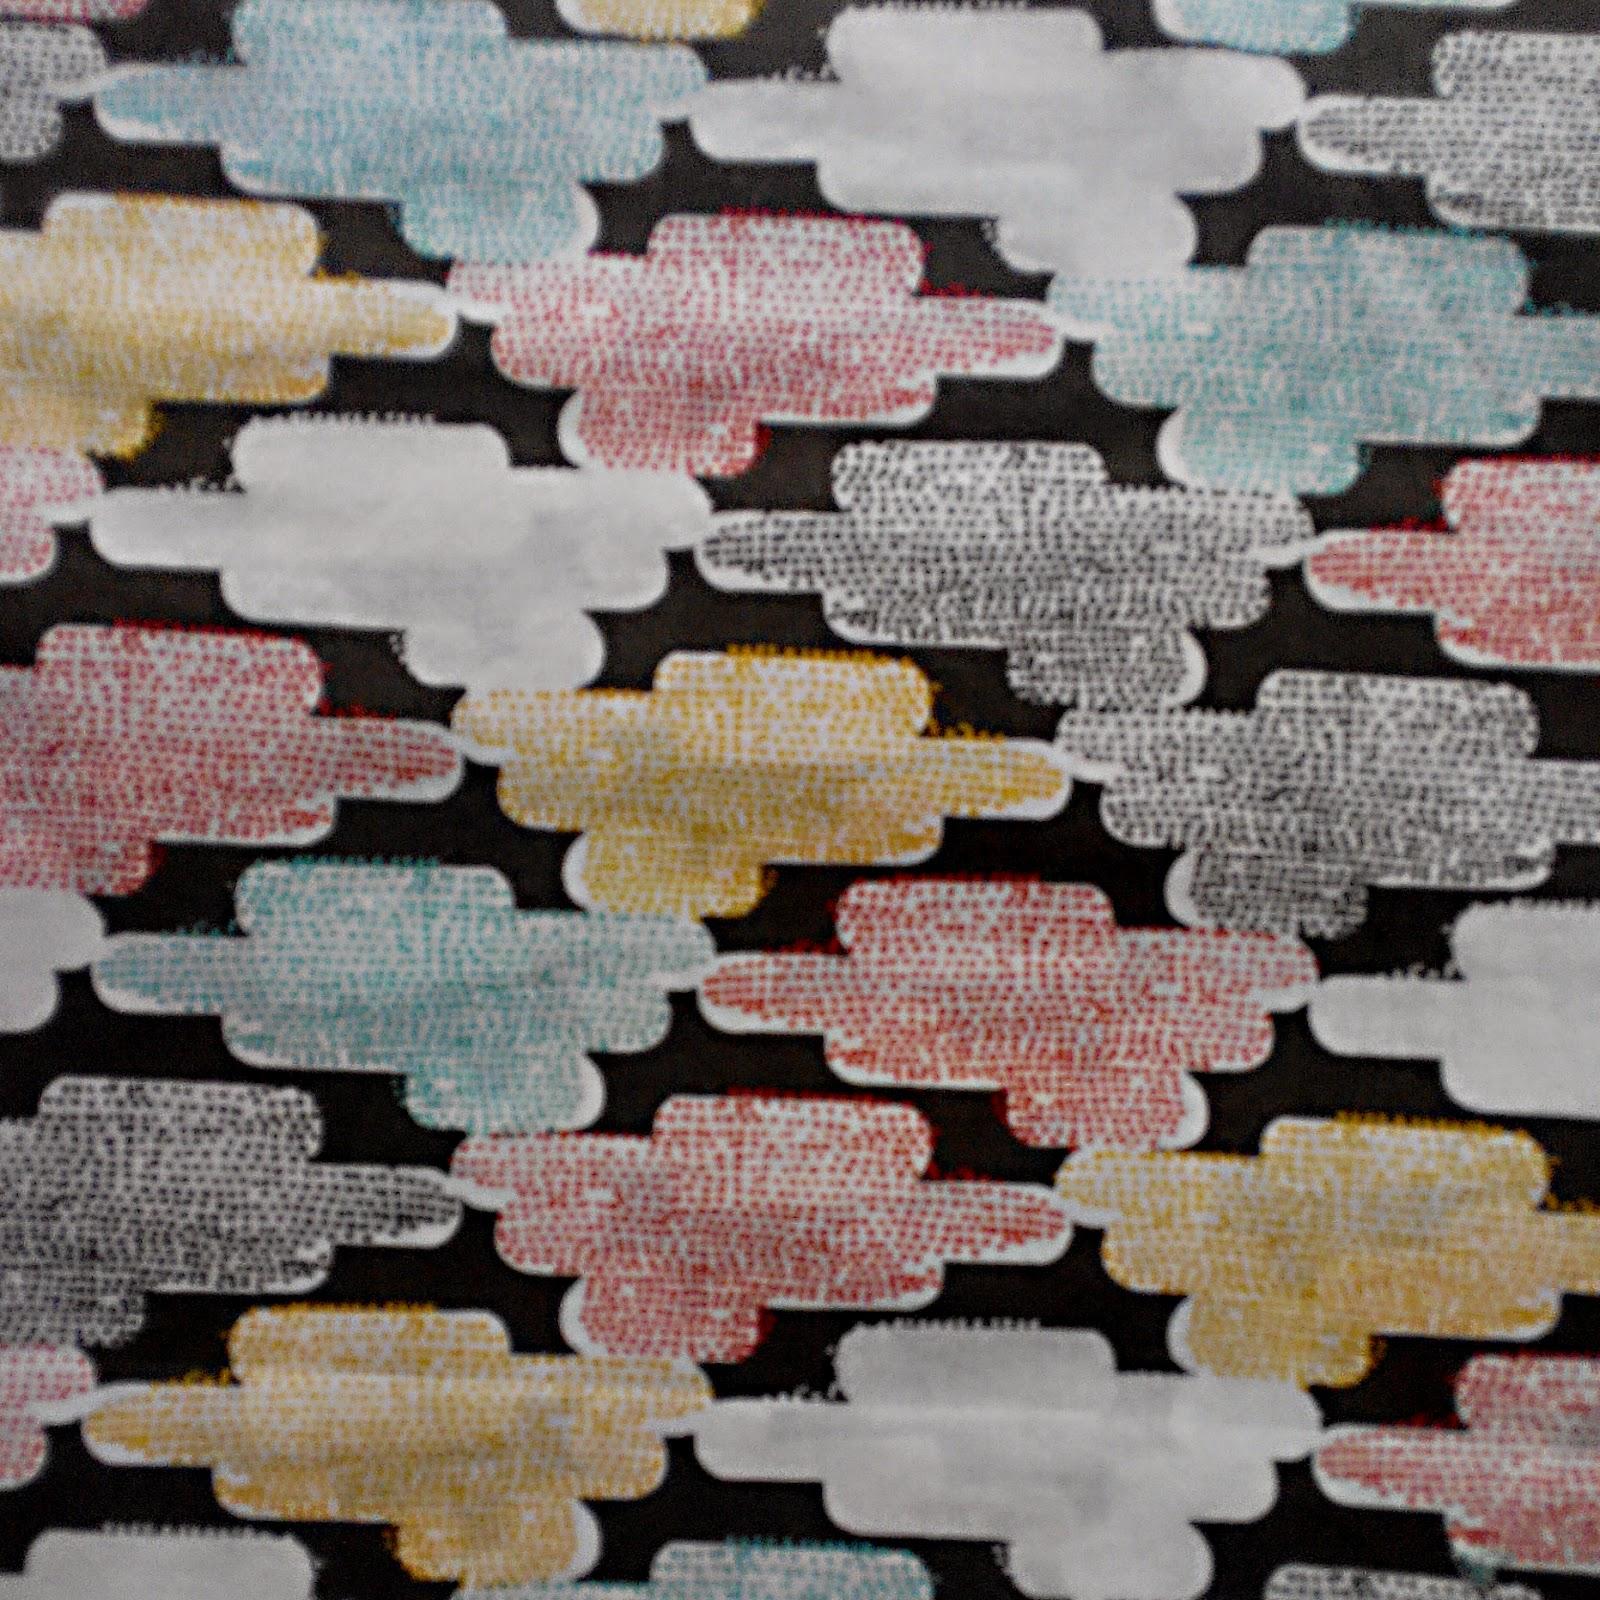 algodon ecologico, telas ecologicas, bolsos artesanales